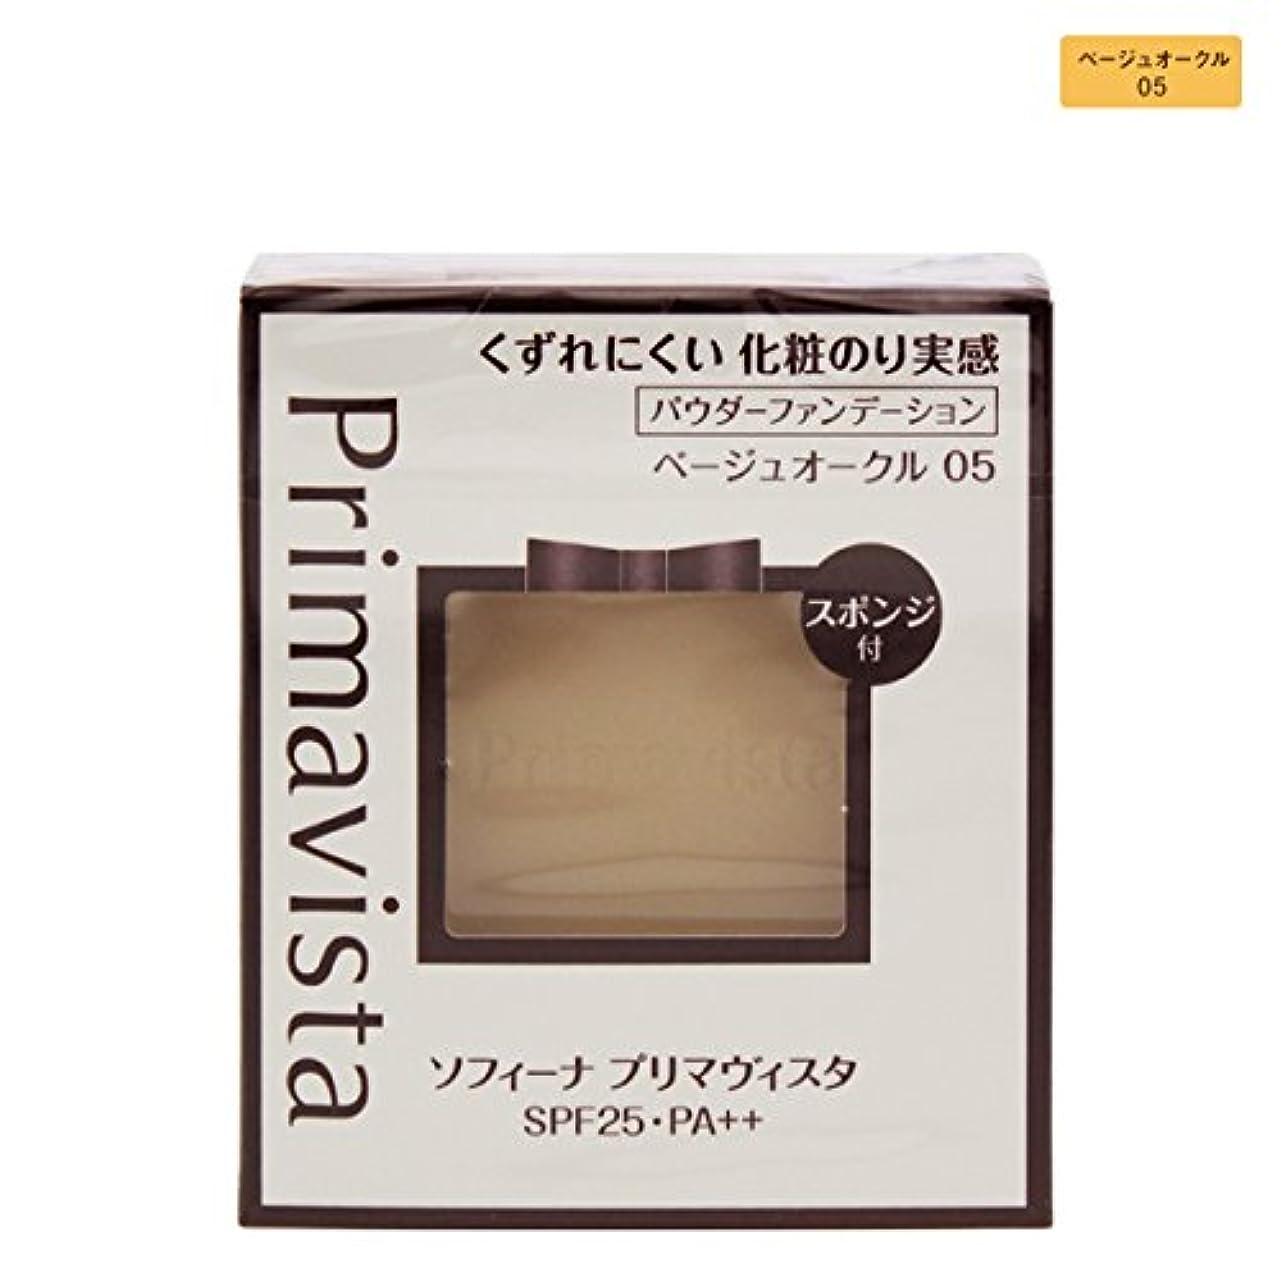 スチール織る禁止するソフィーナ プリマヴィスタ くずれにくい 化粧のり実感パウダーファンデーションUV ベージュオークル05 レフィル